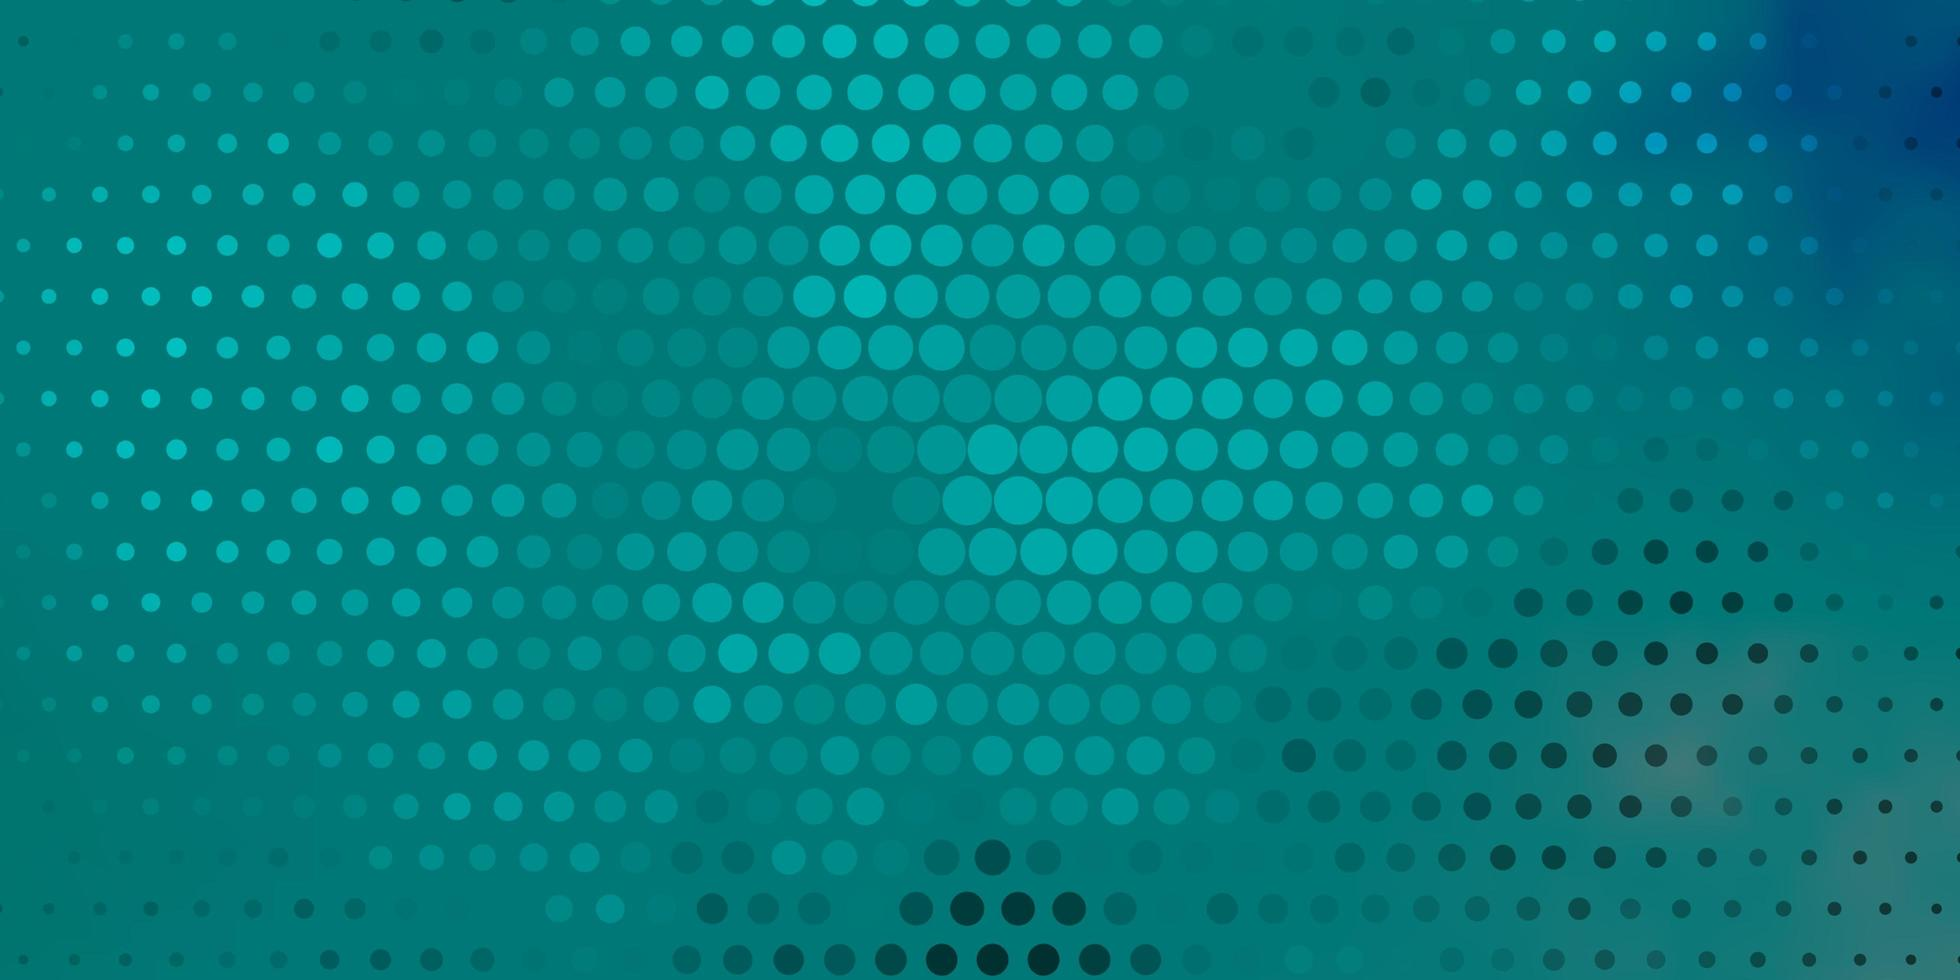 fundo vector azul e verde escuro com círculos.